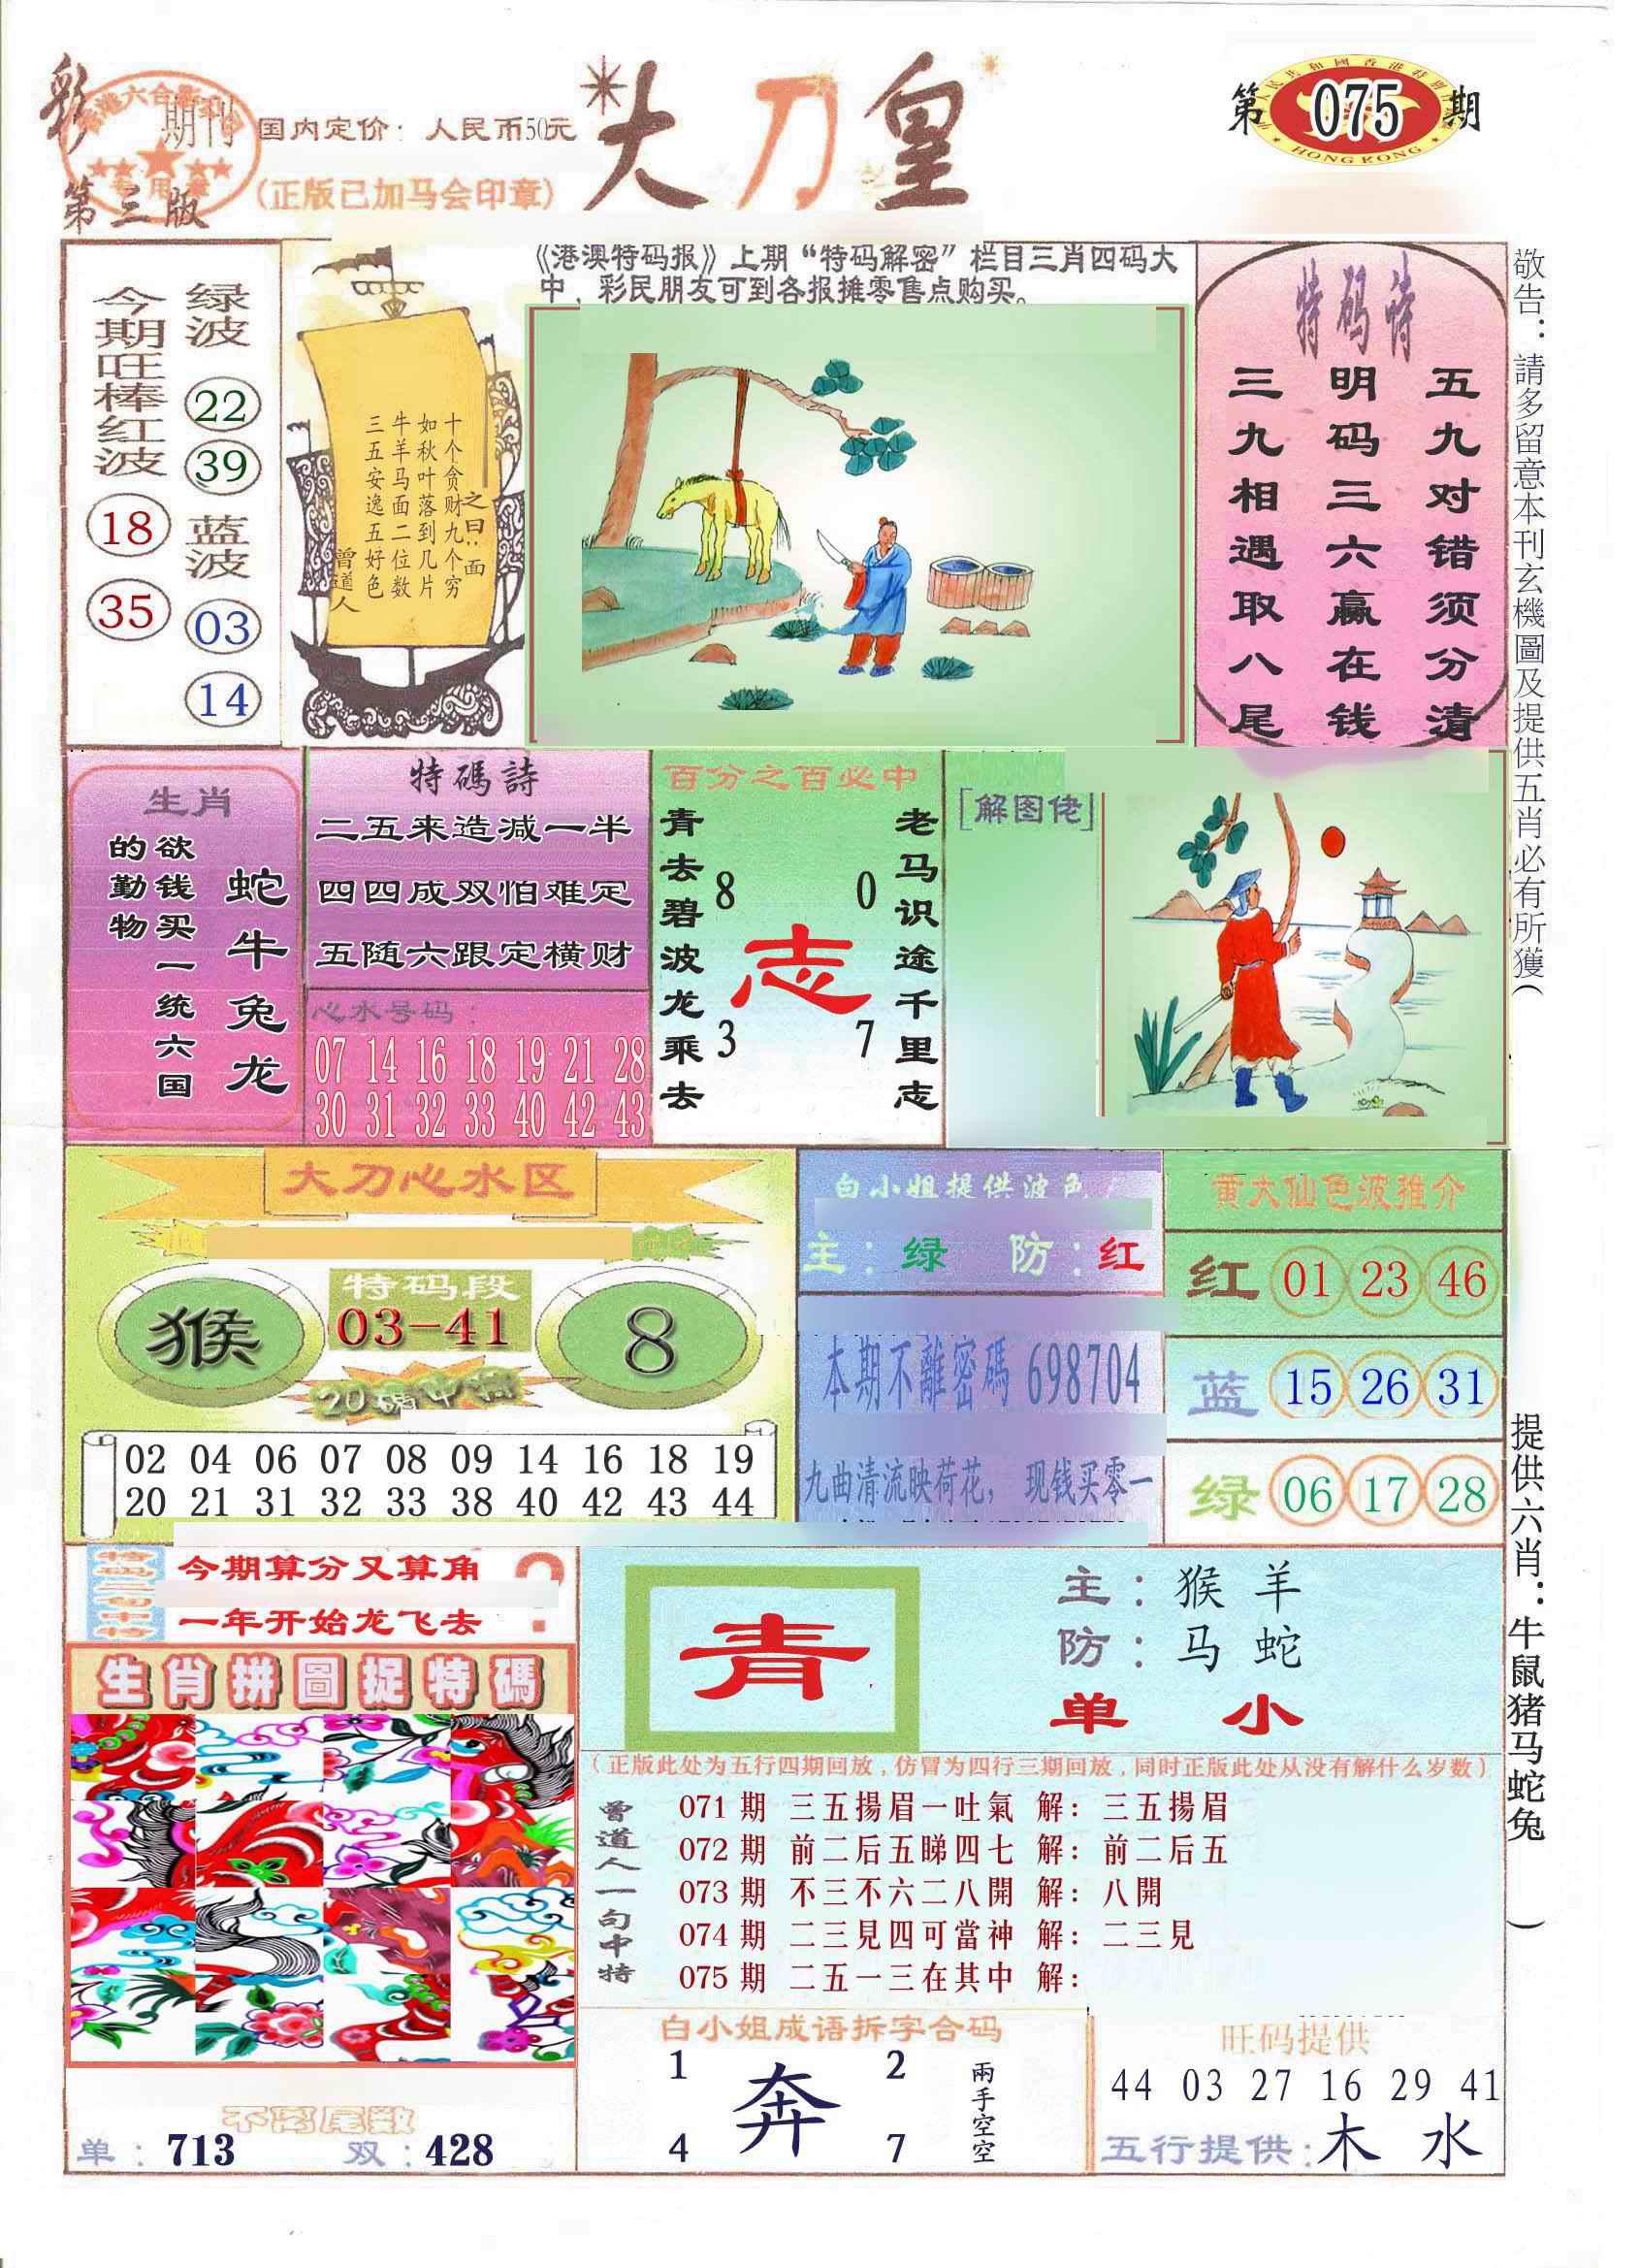 075期大刀皇(彩)